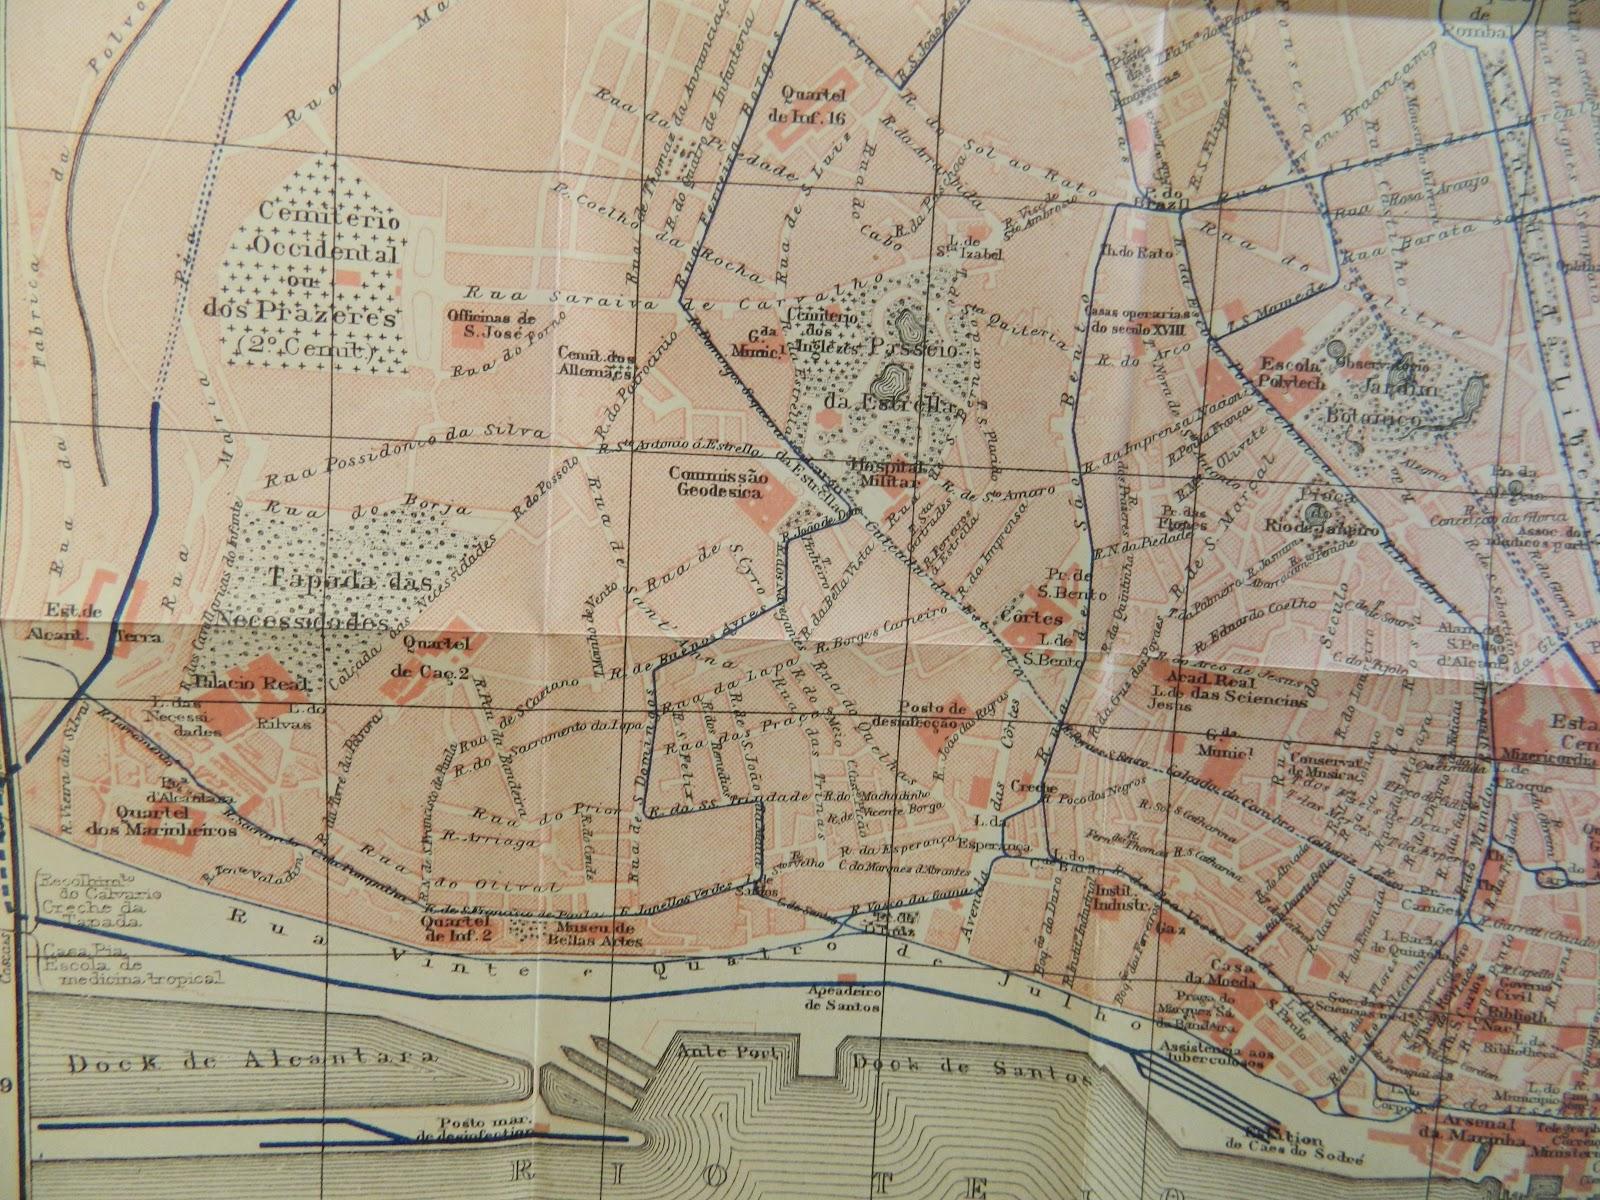 mapa de lisboa antiga Ilustração Antiga: Um livro sobre Portugal, em 1911 mapa de lisboa antiga